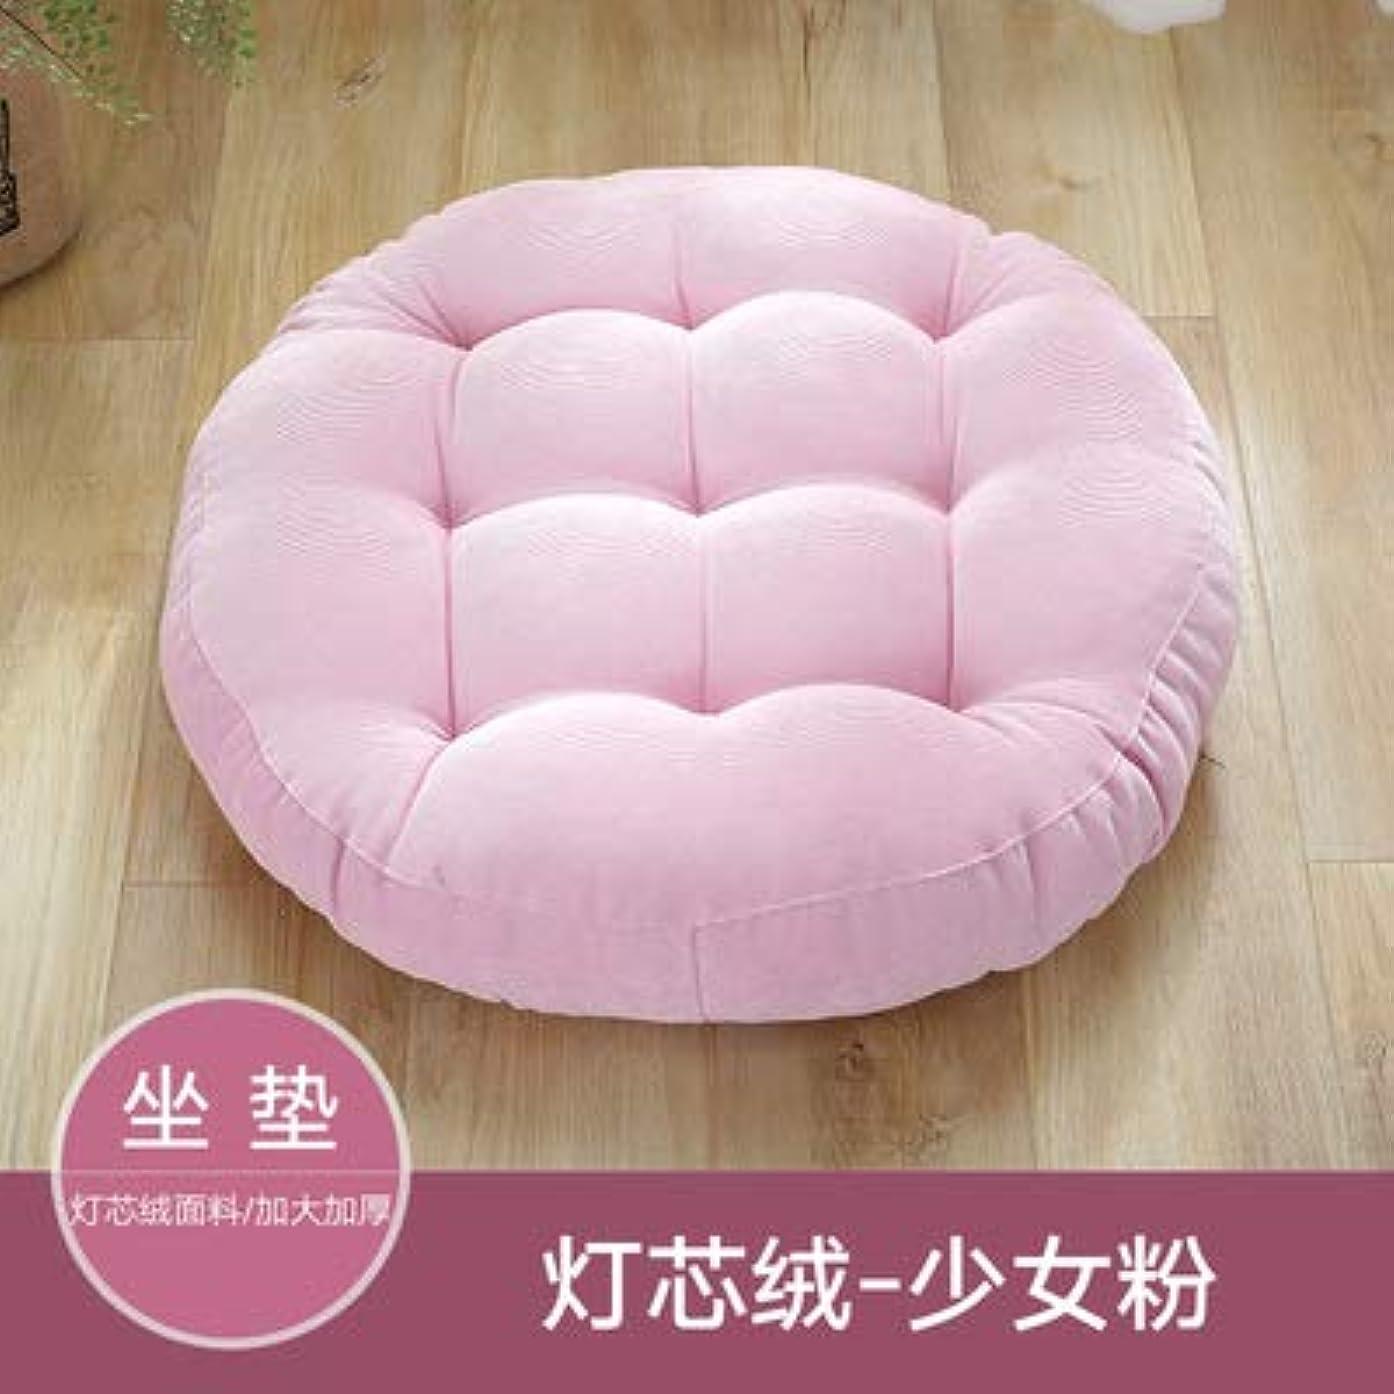 できた斧ためらうLIFE ラウンド厚い椅子のクッションフロアマットレスシートパッドソフトホームオフィスチェアクッションマットソフトスロー枕最高品質の床クッション クッション 椅子